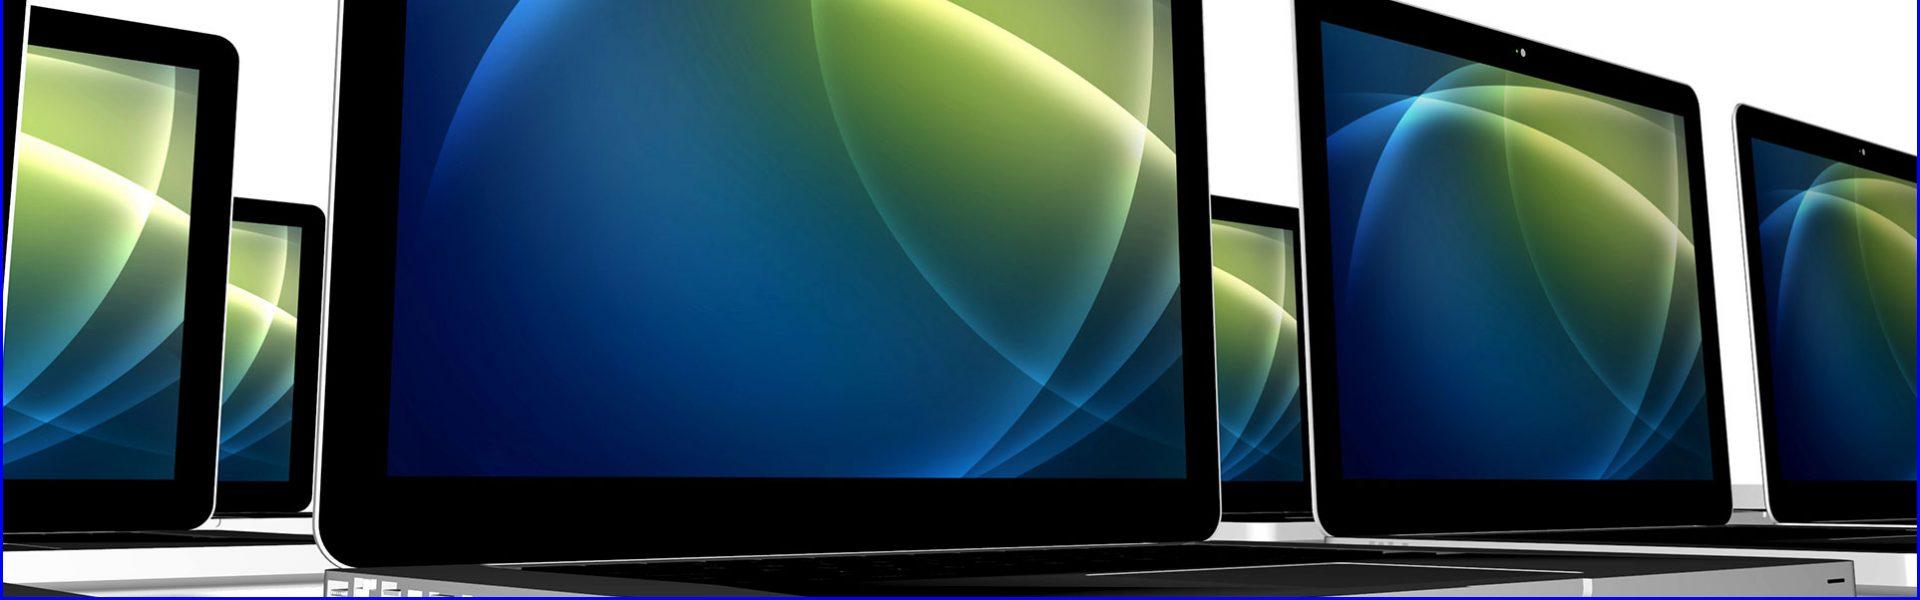 Computer Repair - Malware Removal